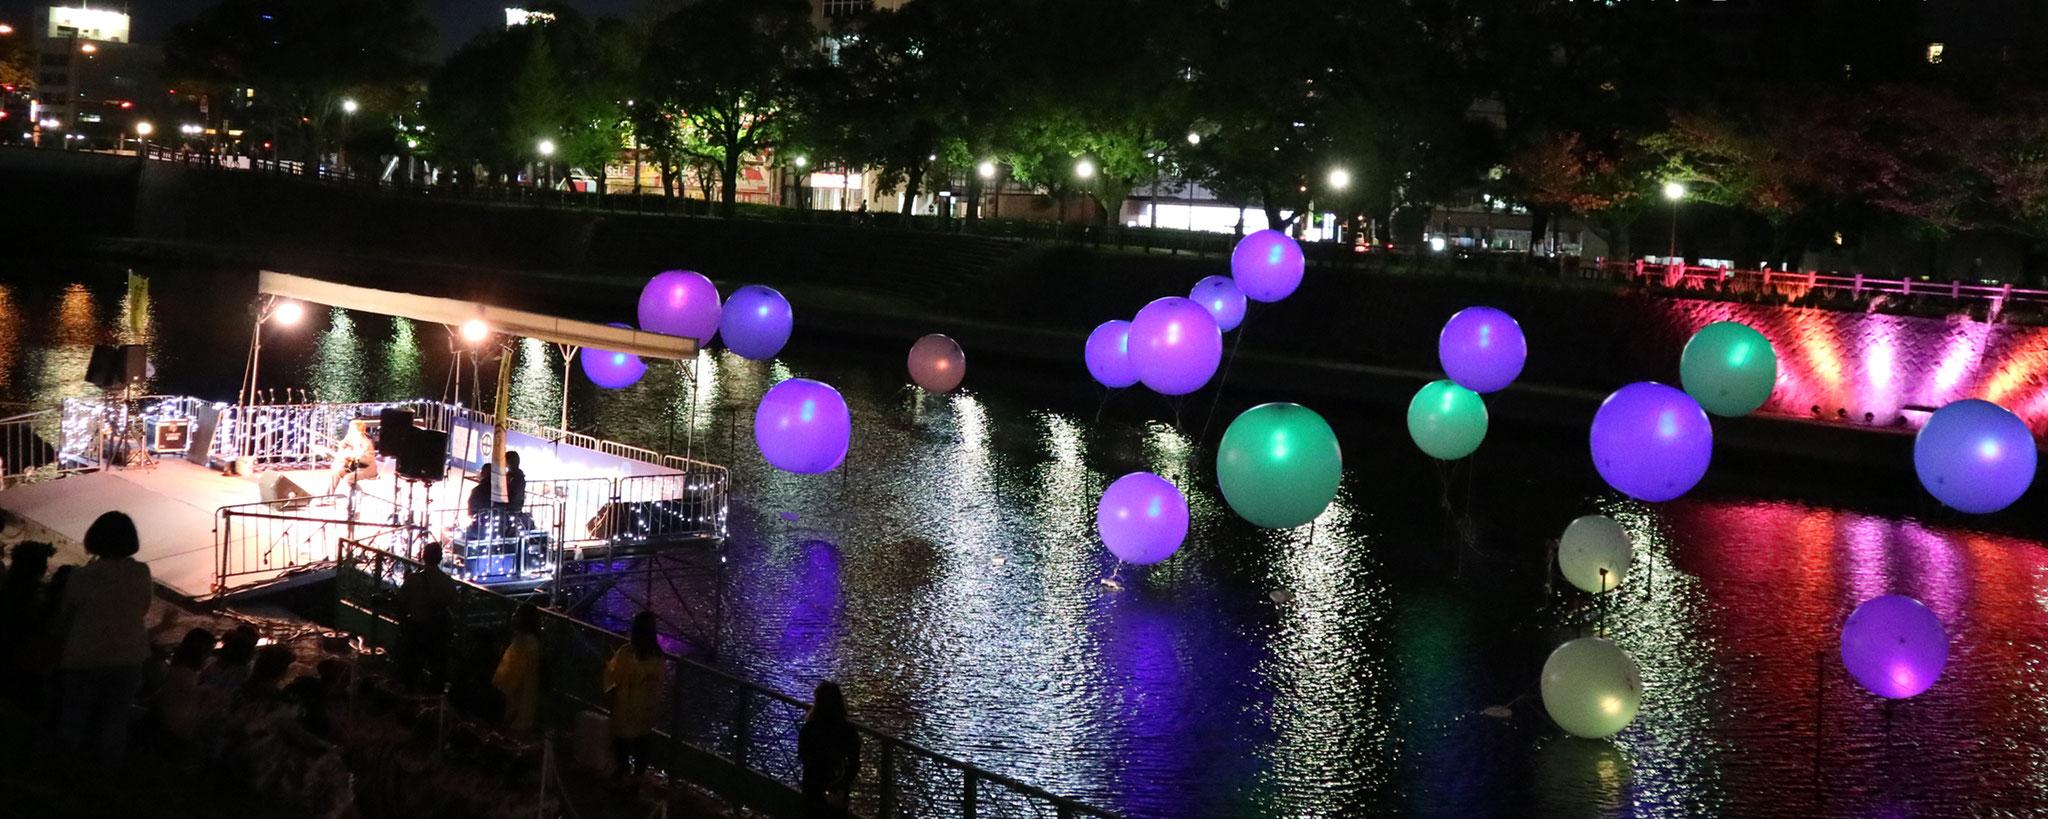 甲突川水辺のフェスティバル2017